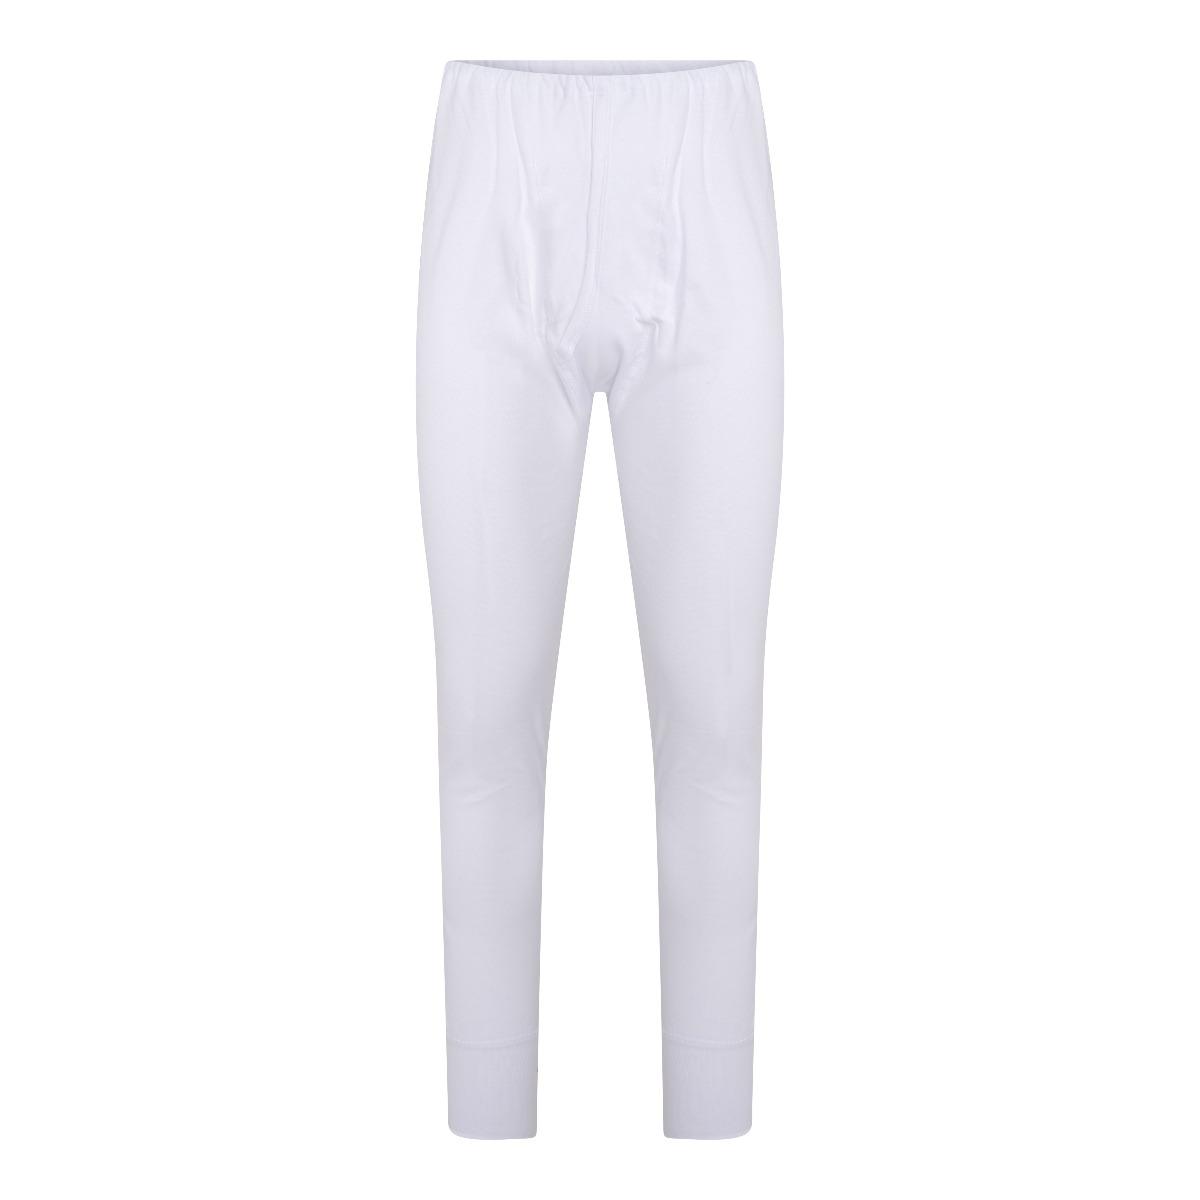 Beeren M3400 Heren Pantalon Wit S